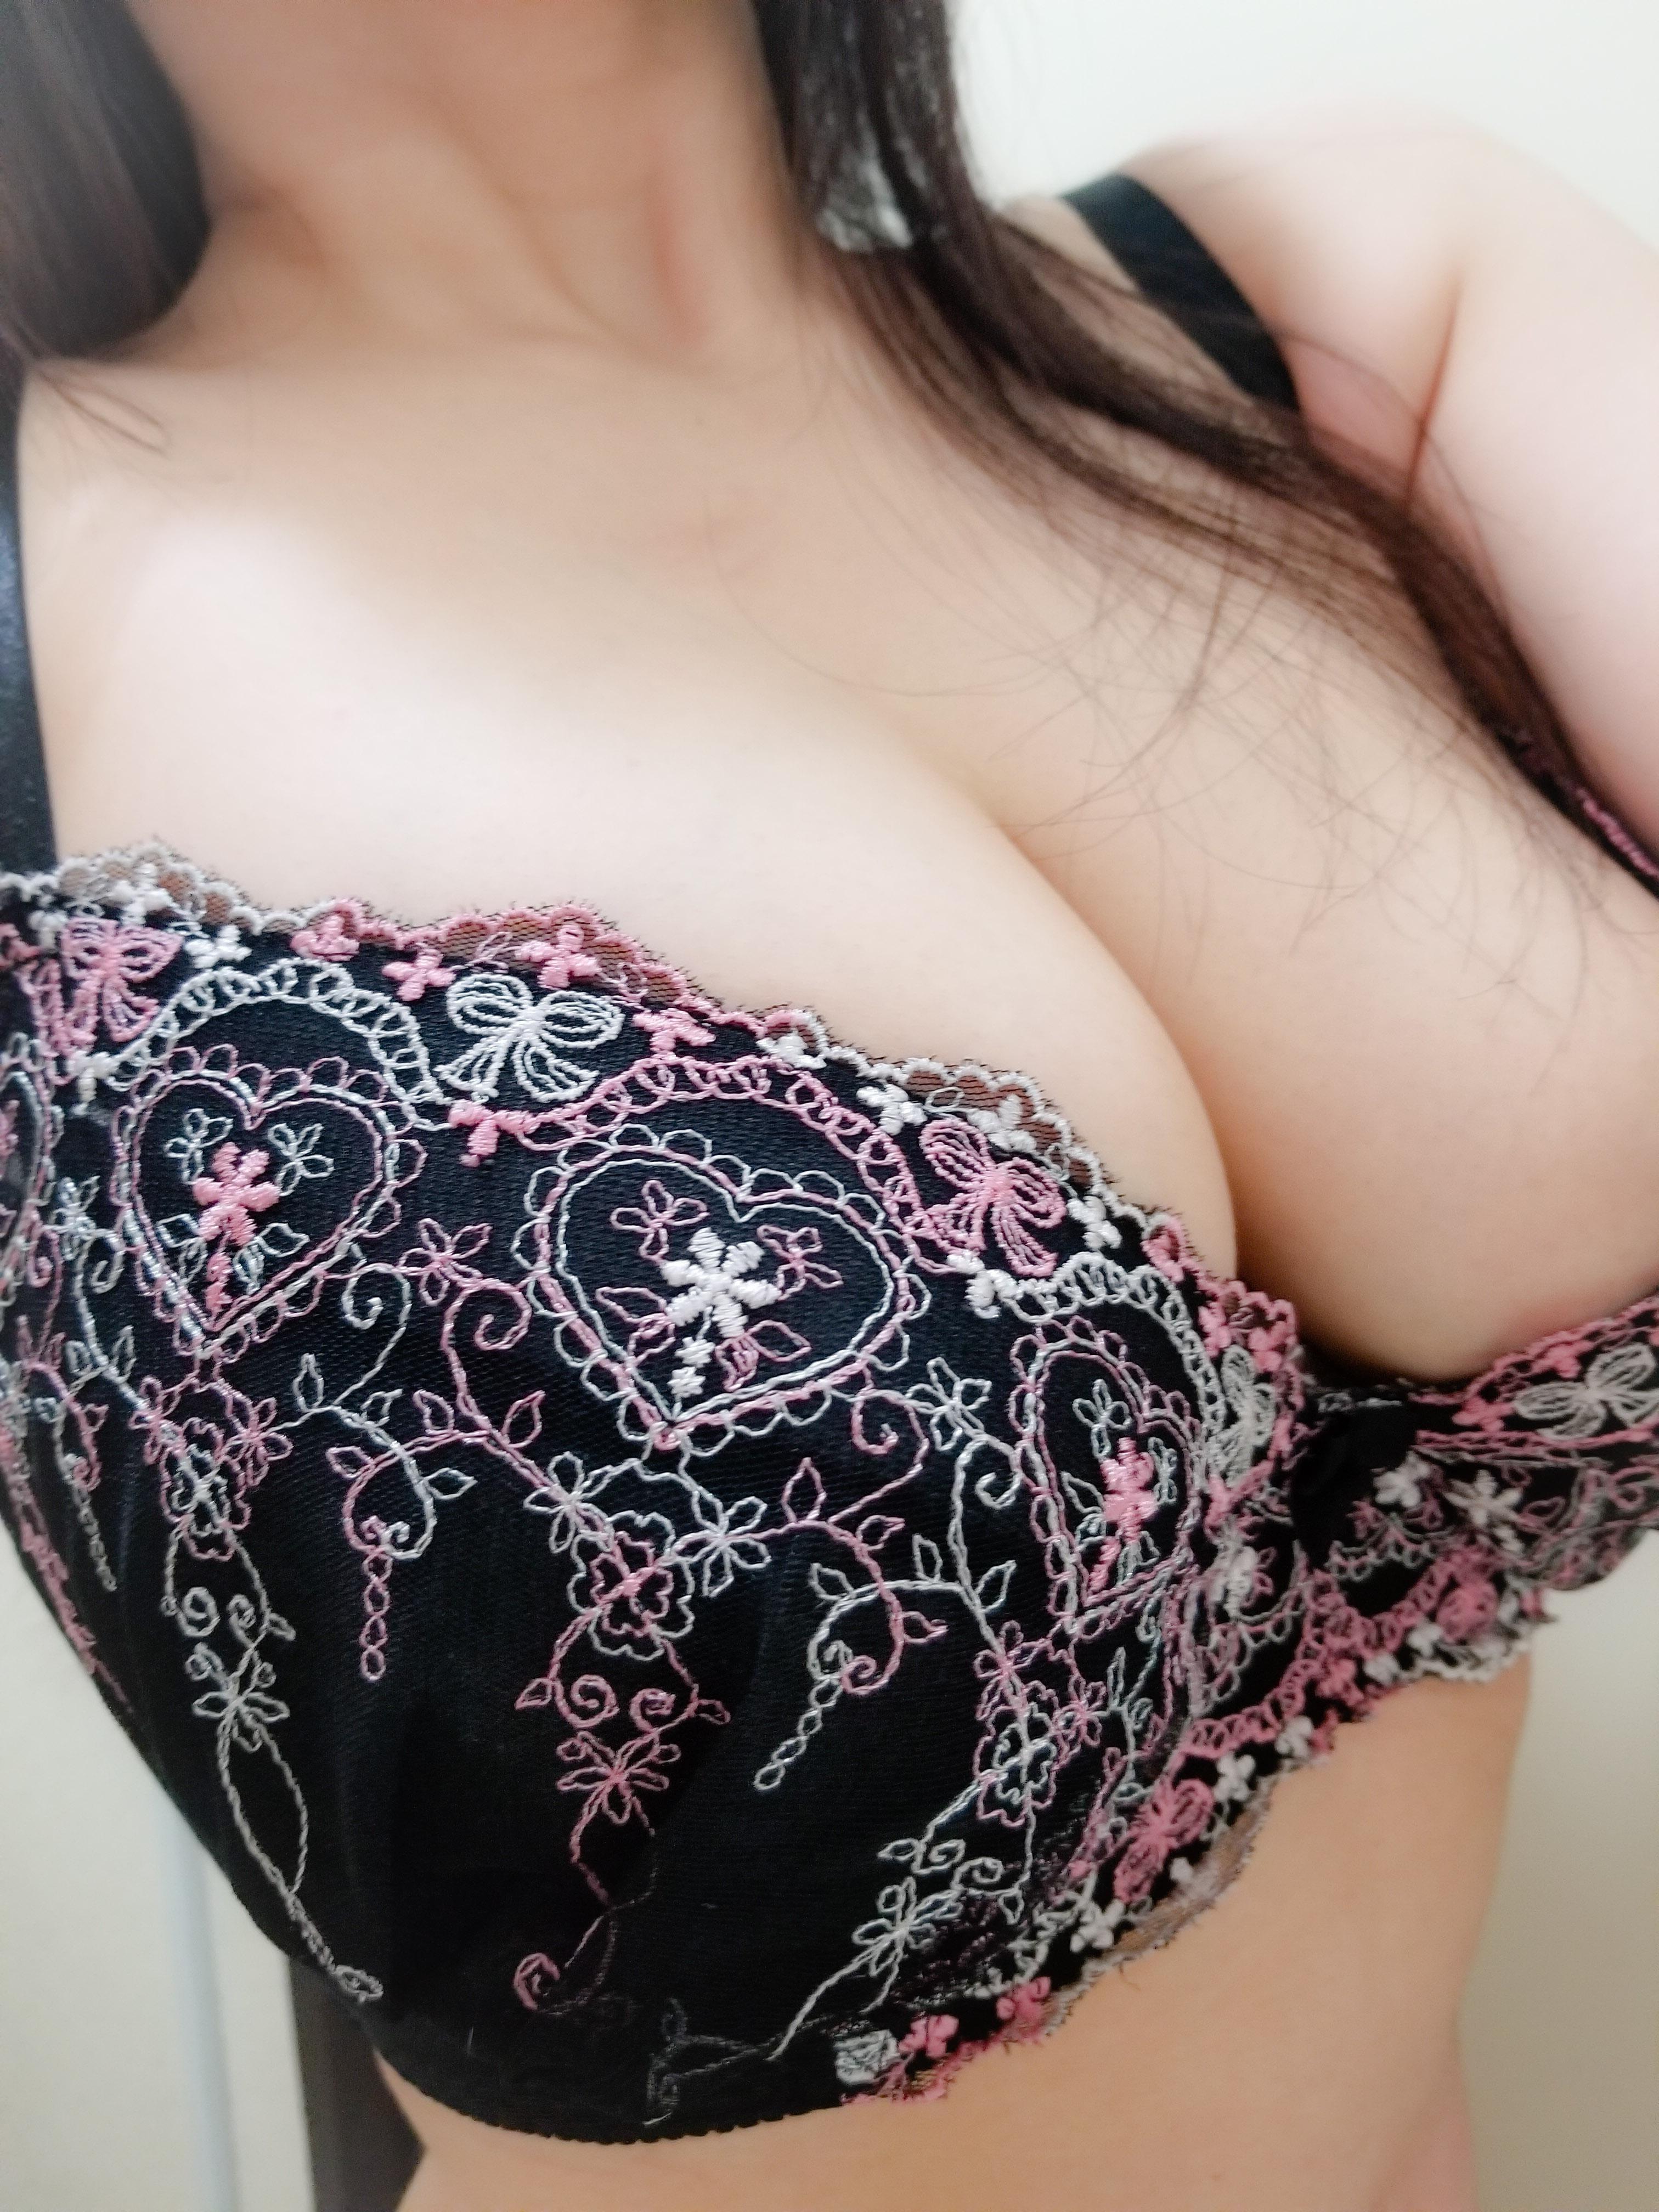 「おはようございます」04/21(04/21) 10:18   矢口の写メ・風俗動画